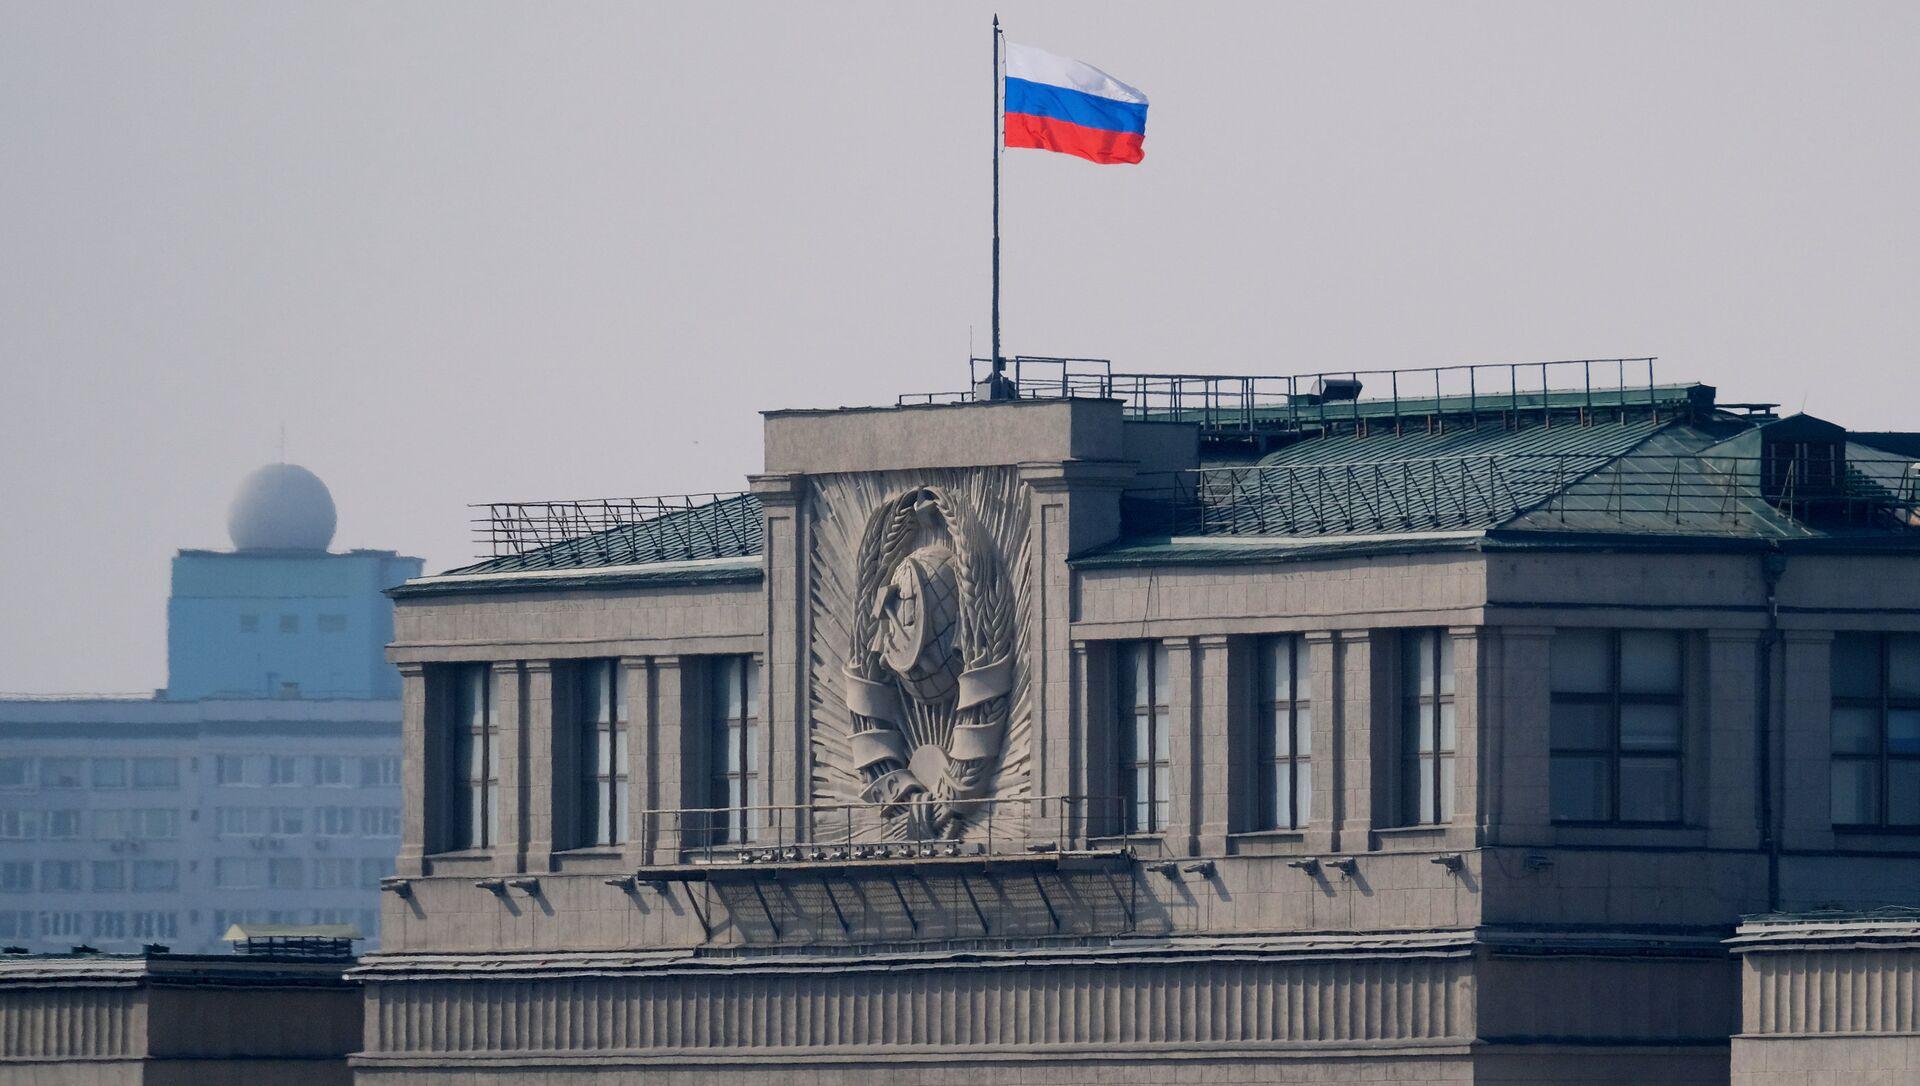 Здание Госдумы РФ - РИА Новости, 1920, 17.11.2020